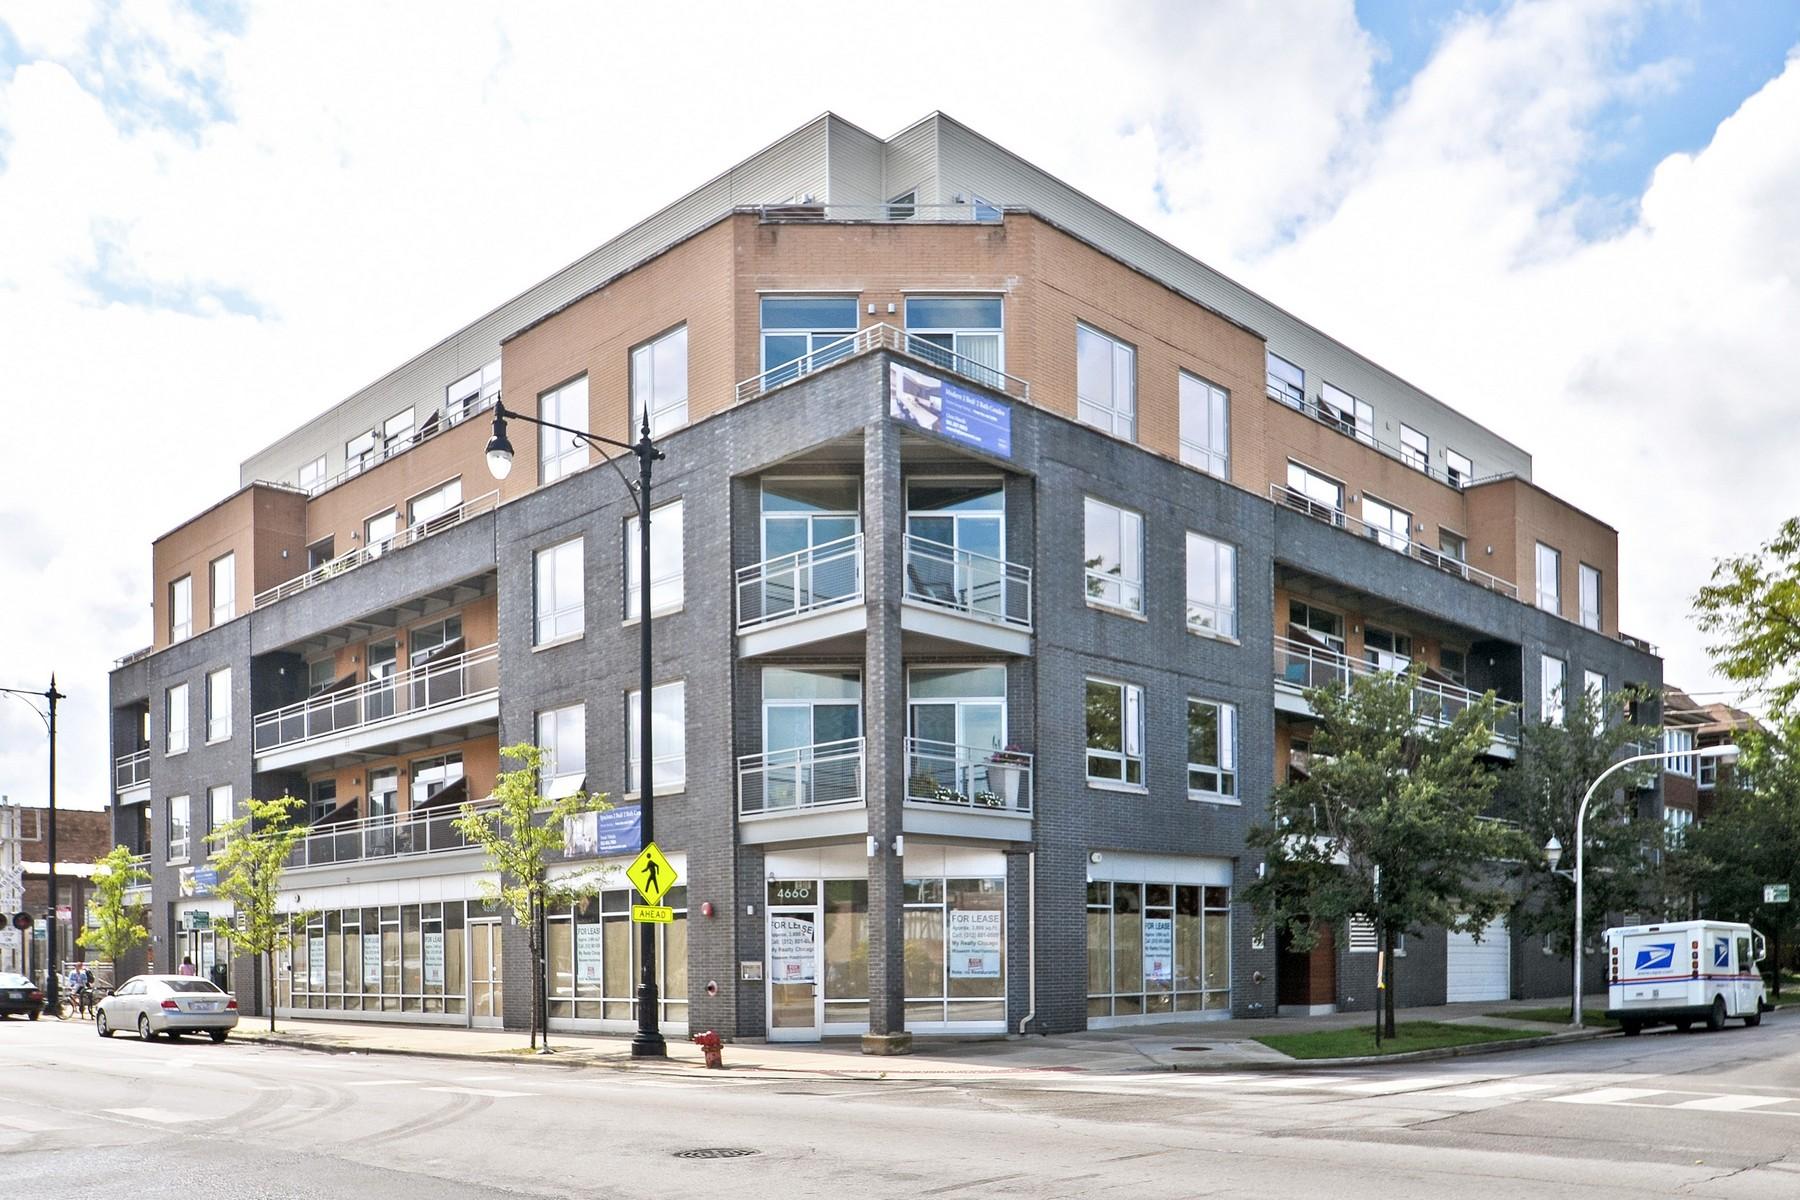 Condominium for Sale at Leland Flats New Construction 3201 W Leland Avenue Unit 211 Chicago, Illinois, 60625 United States